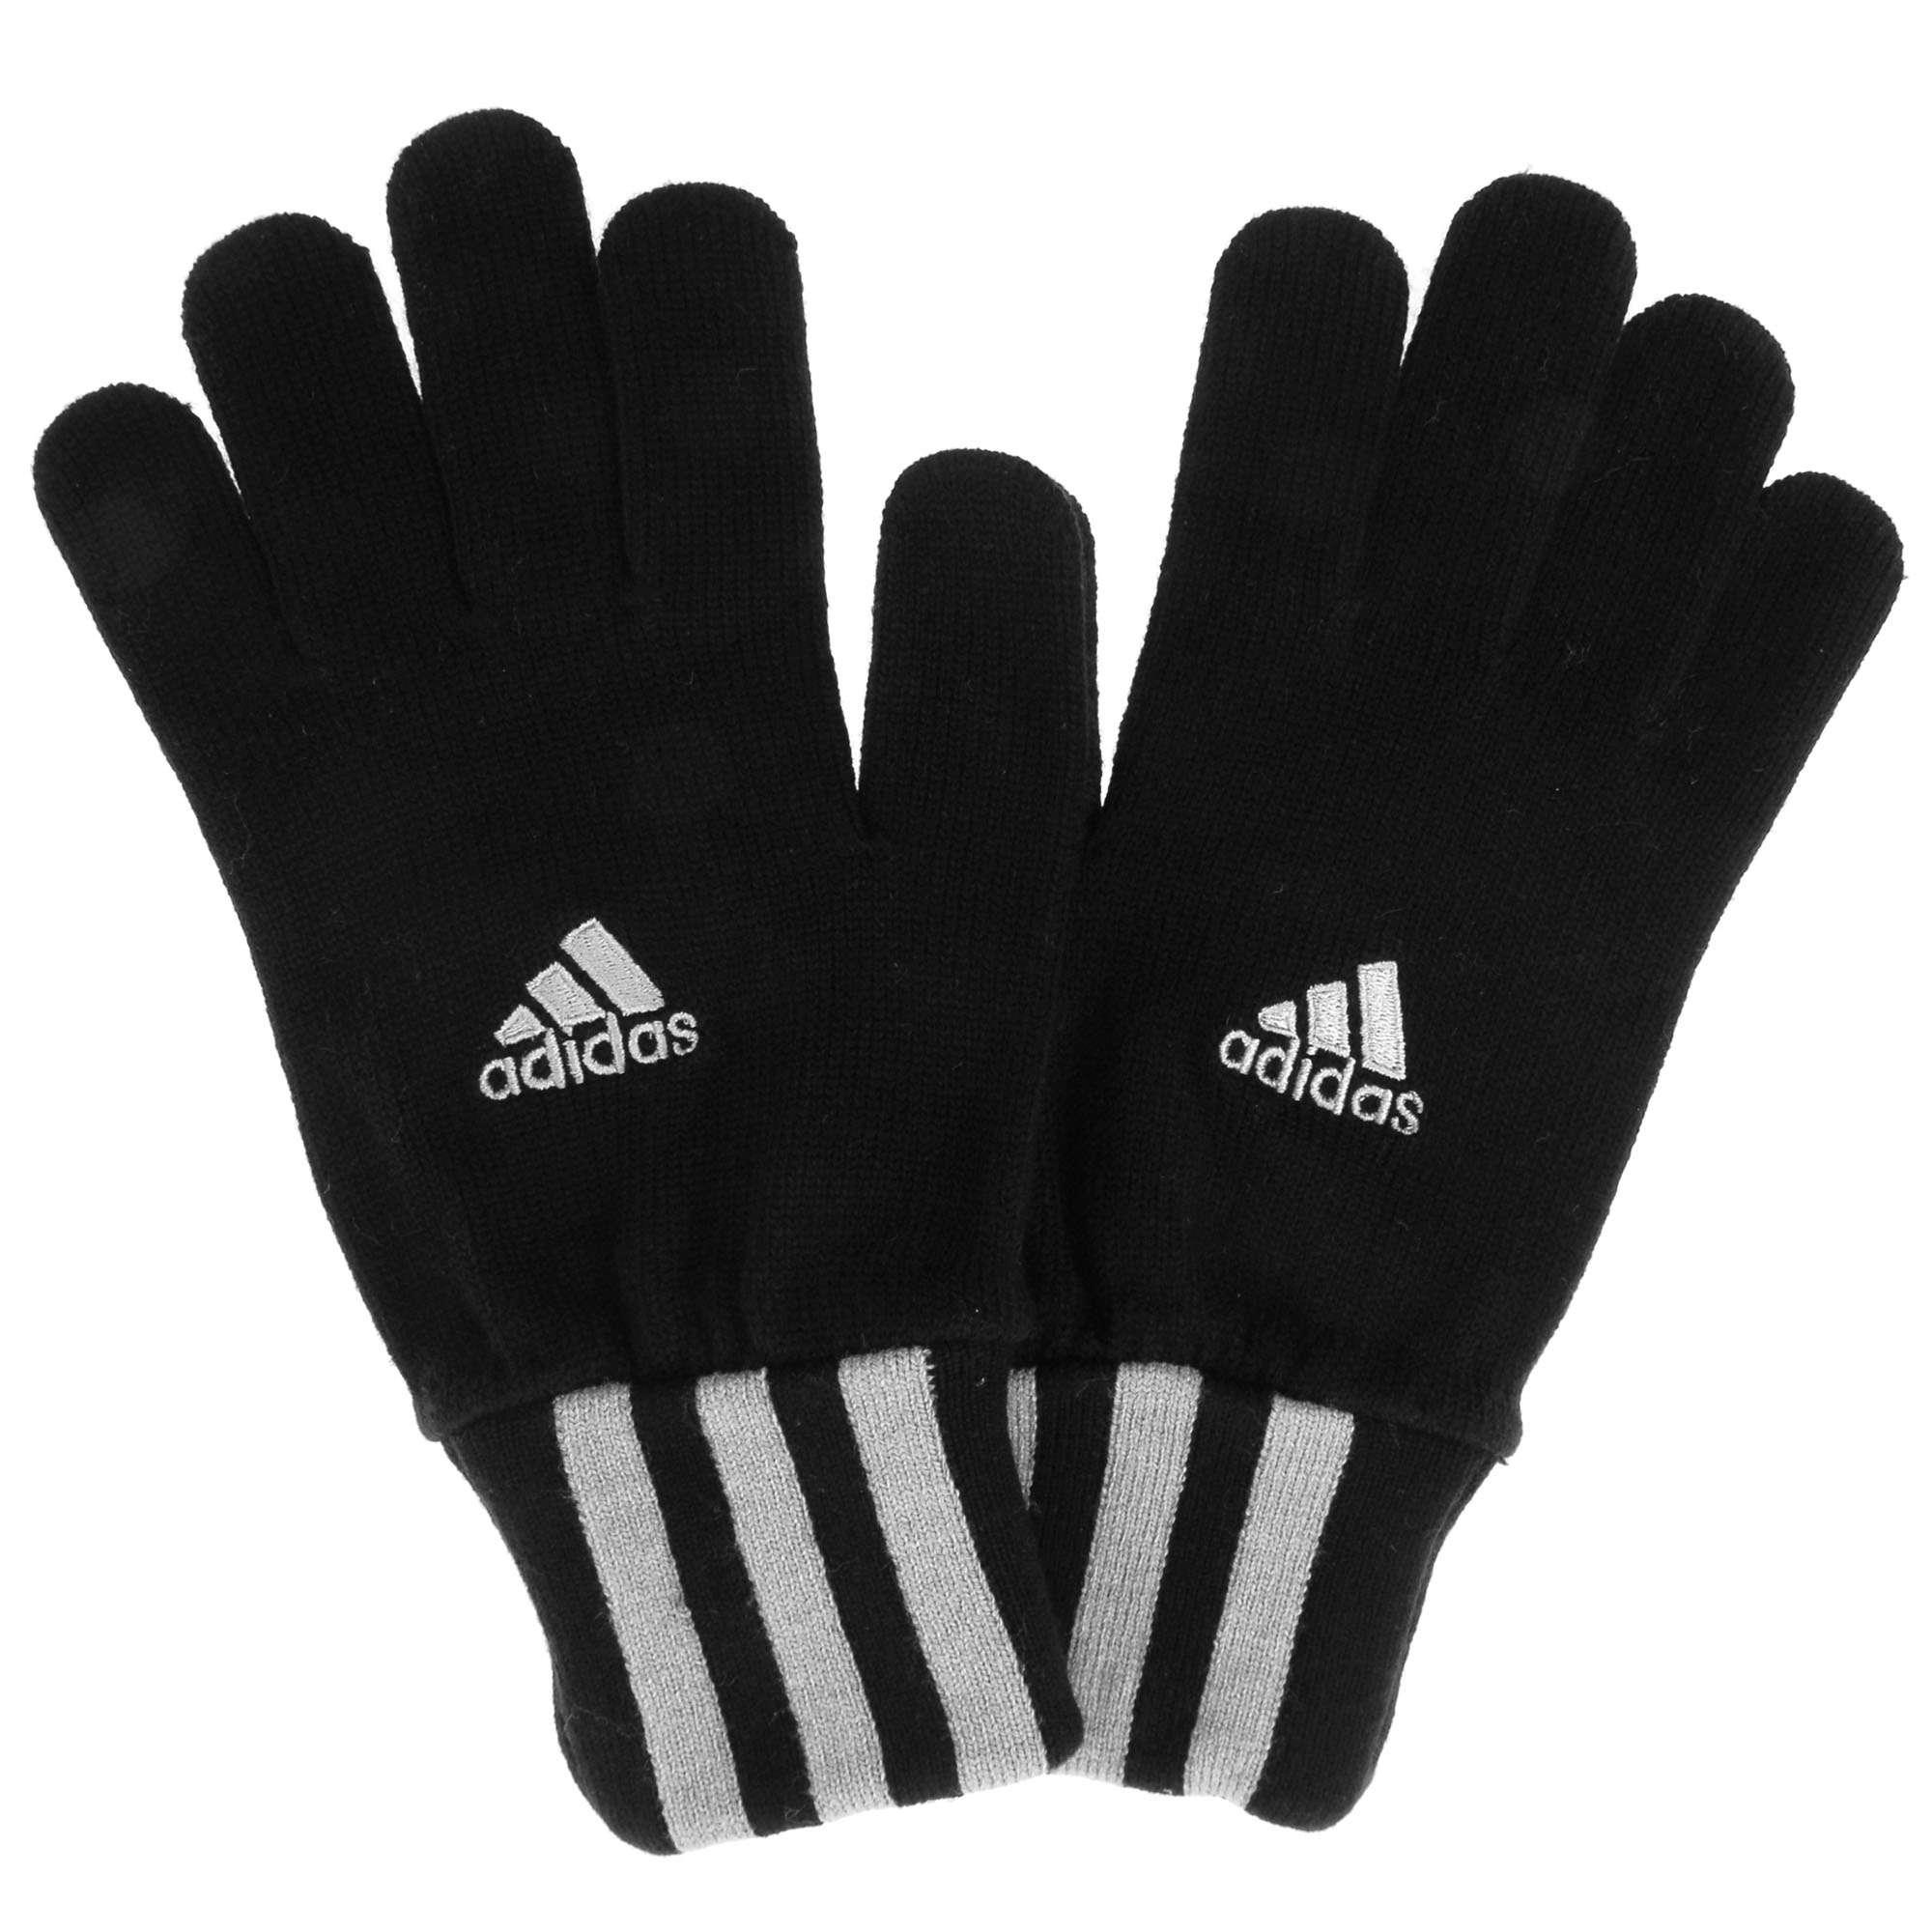 adidas Originals 3 Stripe Gloves